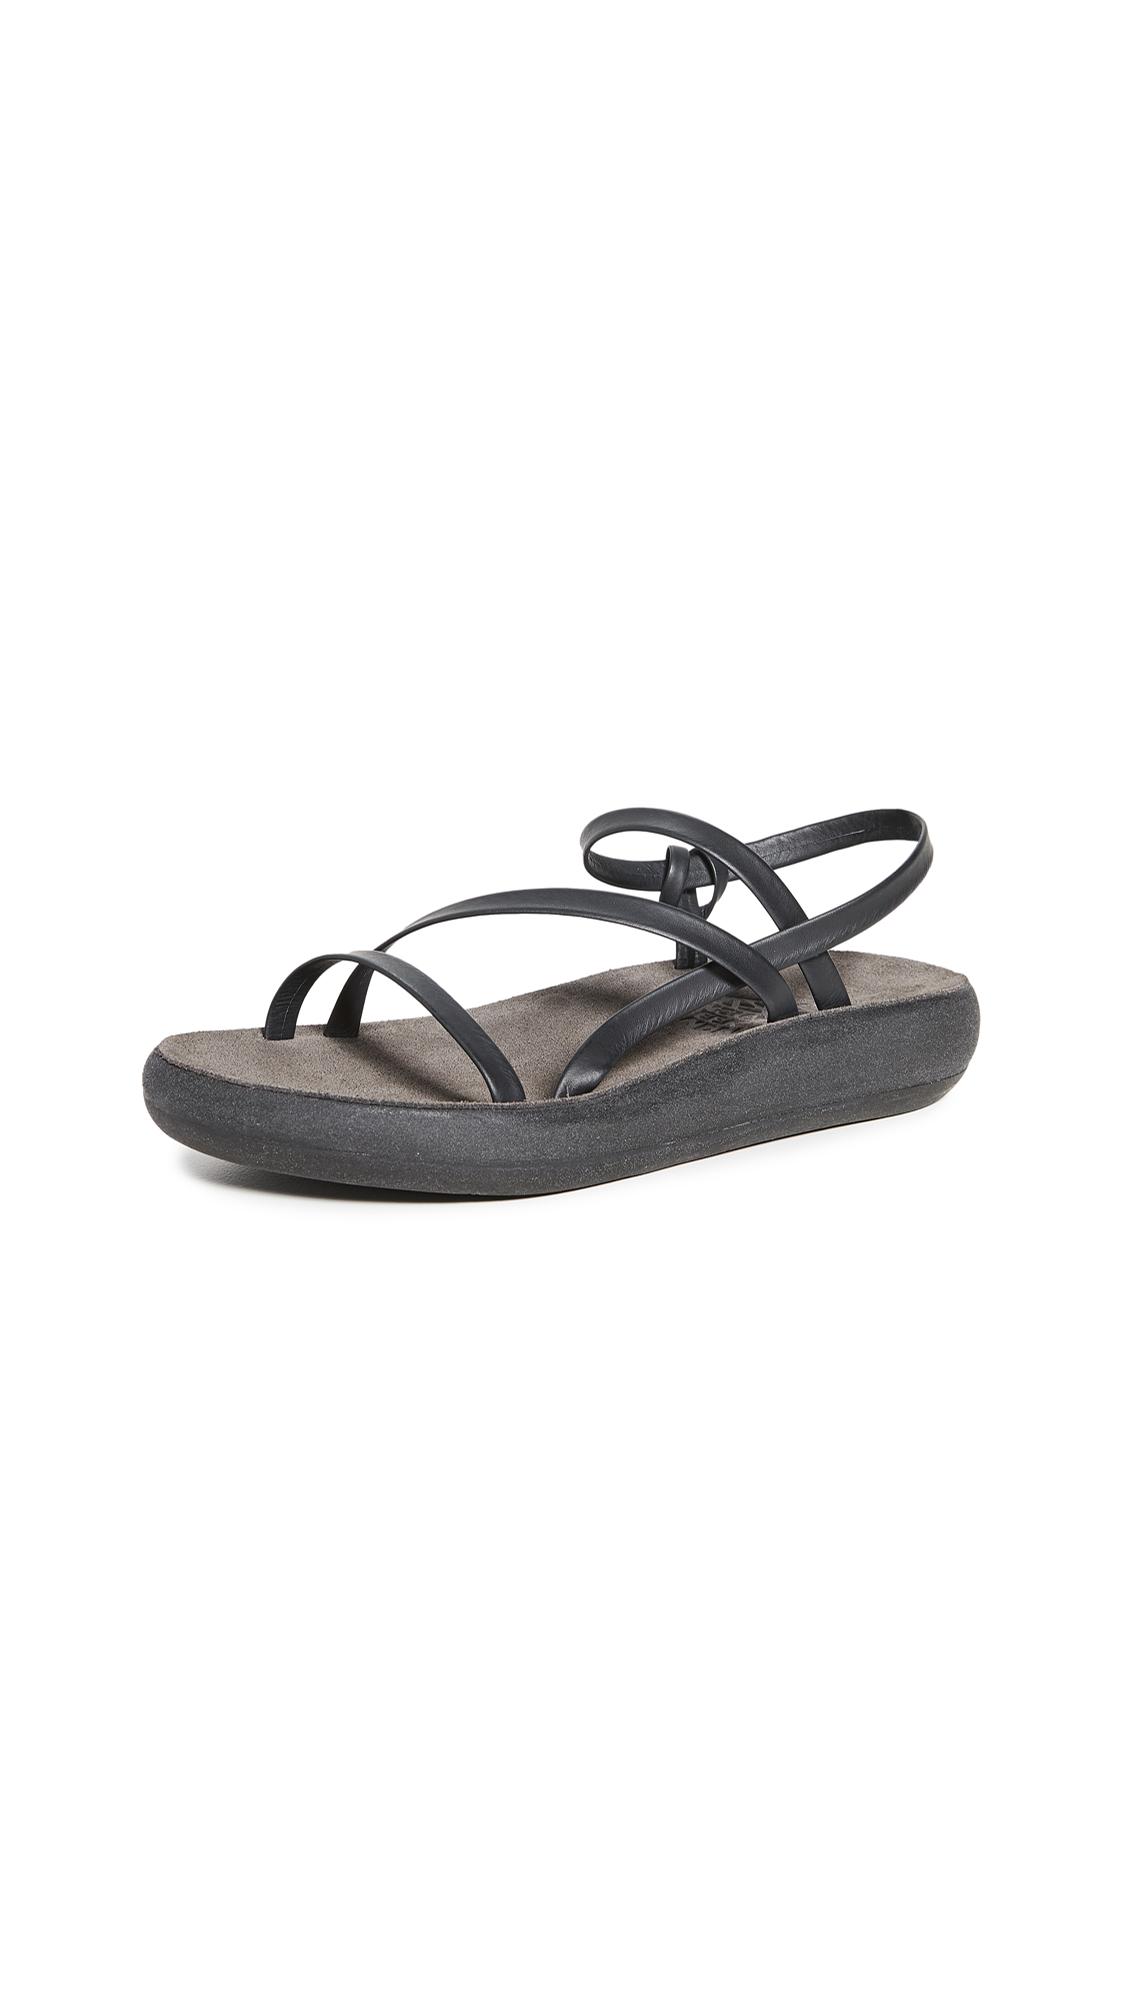 Buy Ancient Greek Sandals Dimitra Comfort Sandals online, shop Ancient Greek Sandals